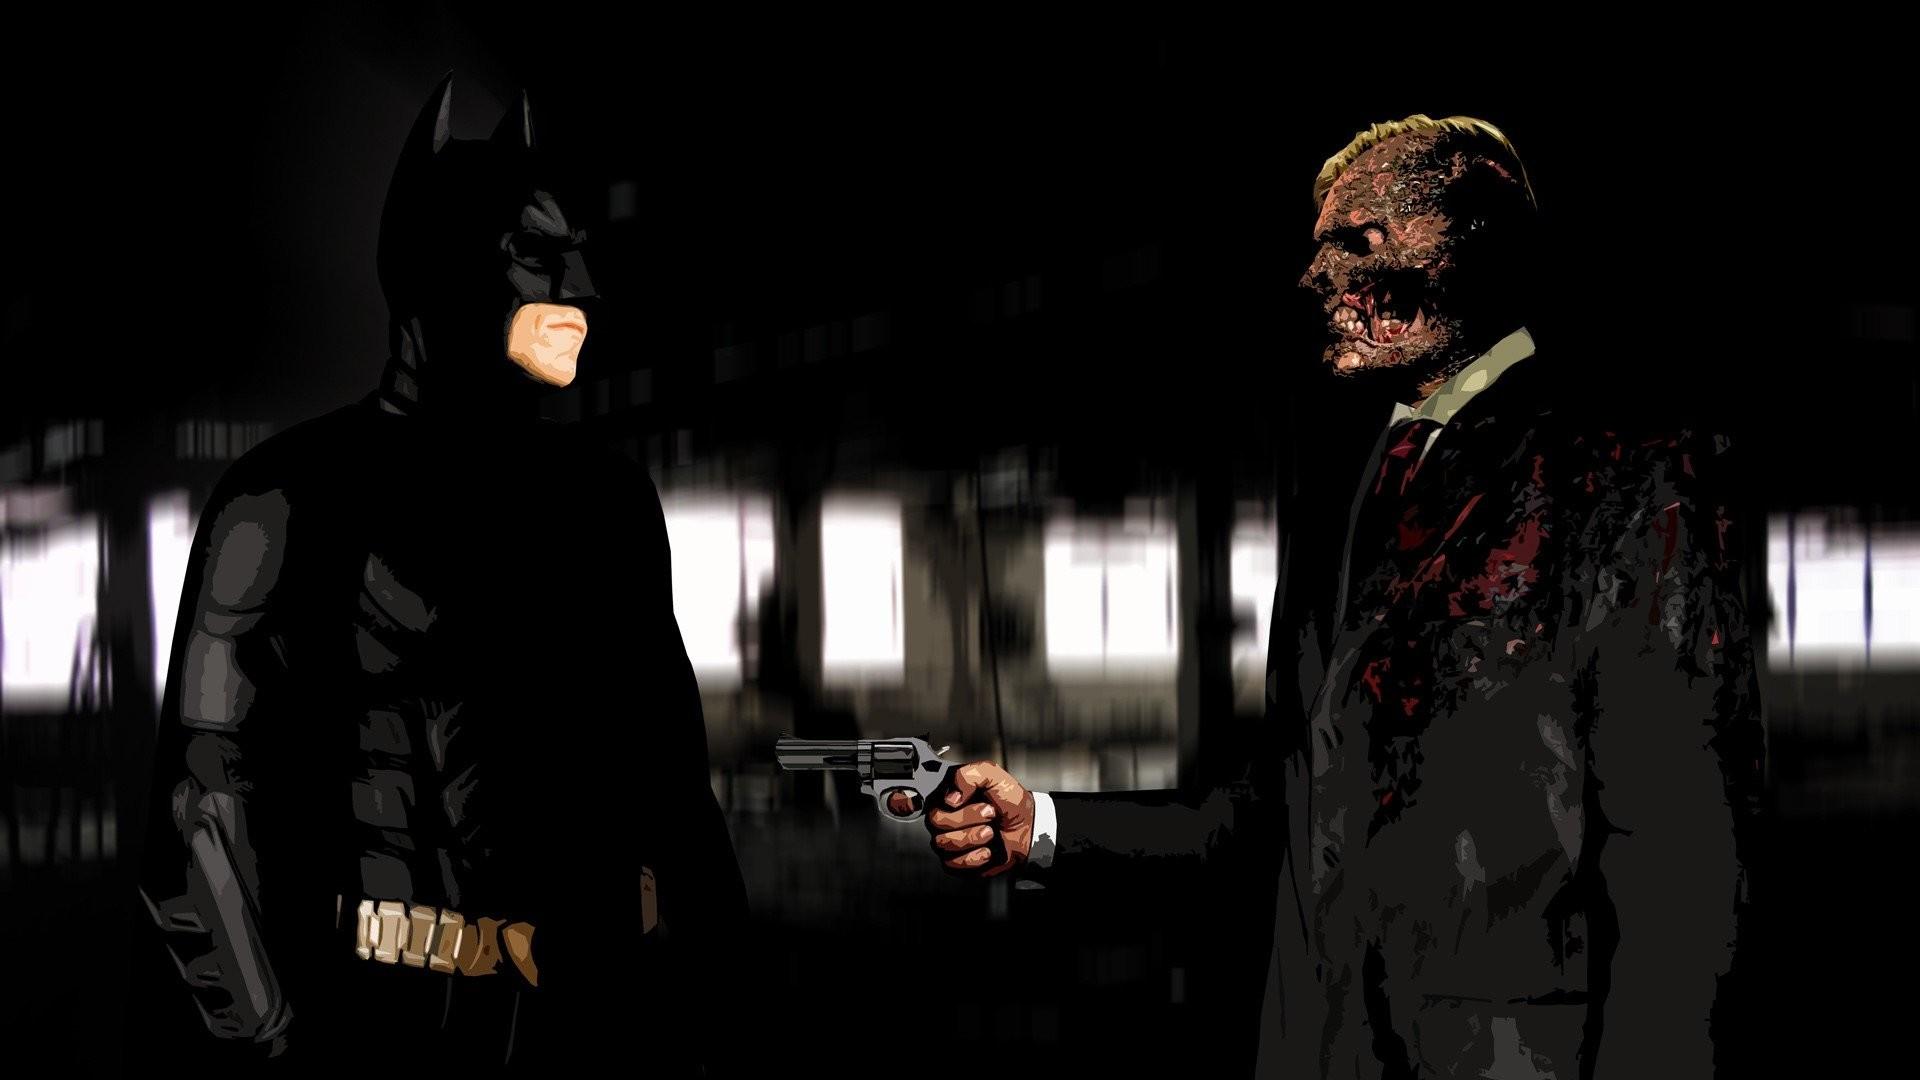 3840x2160 Batman Aaron Eckhart Two Face The Joker Hd Wallpapers For Laptop